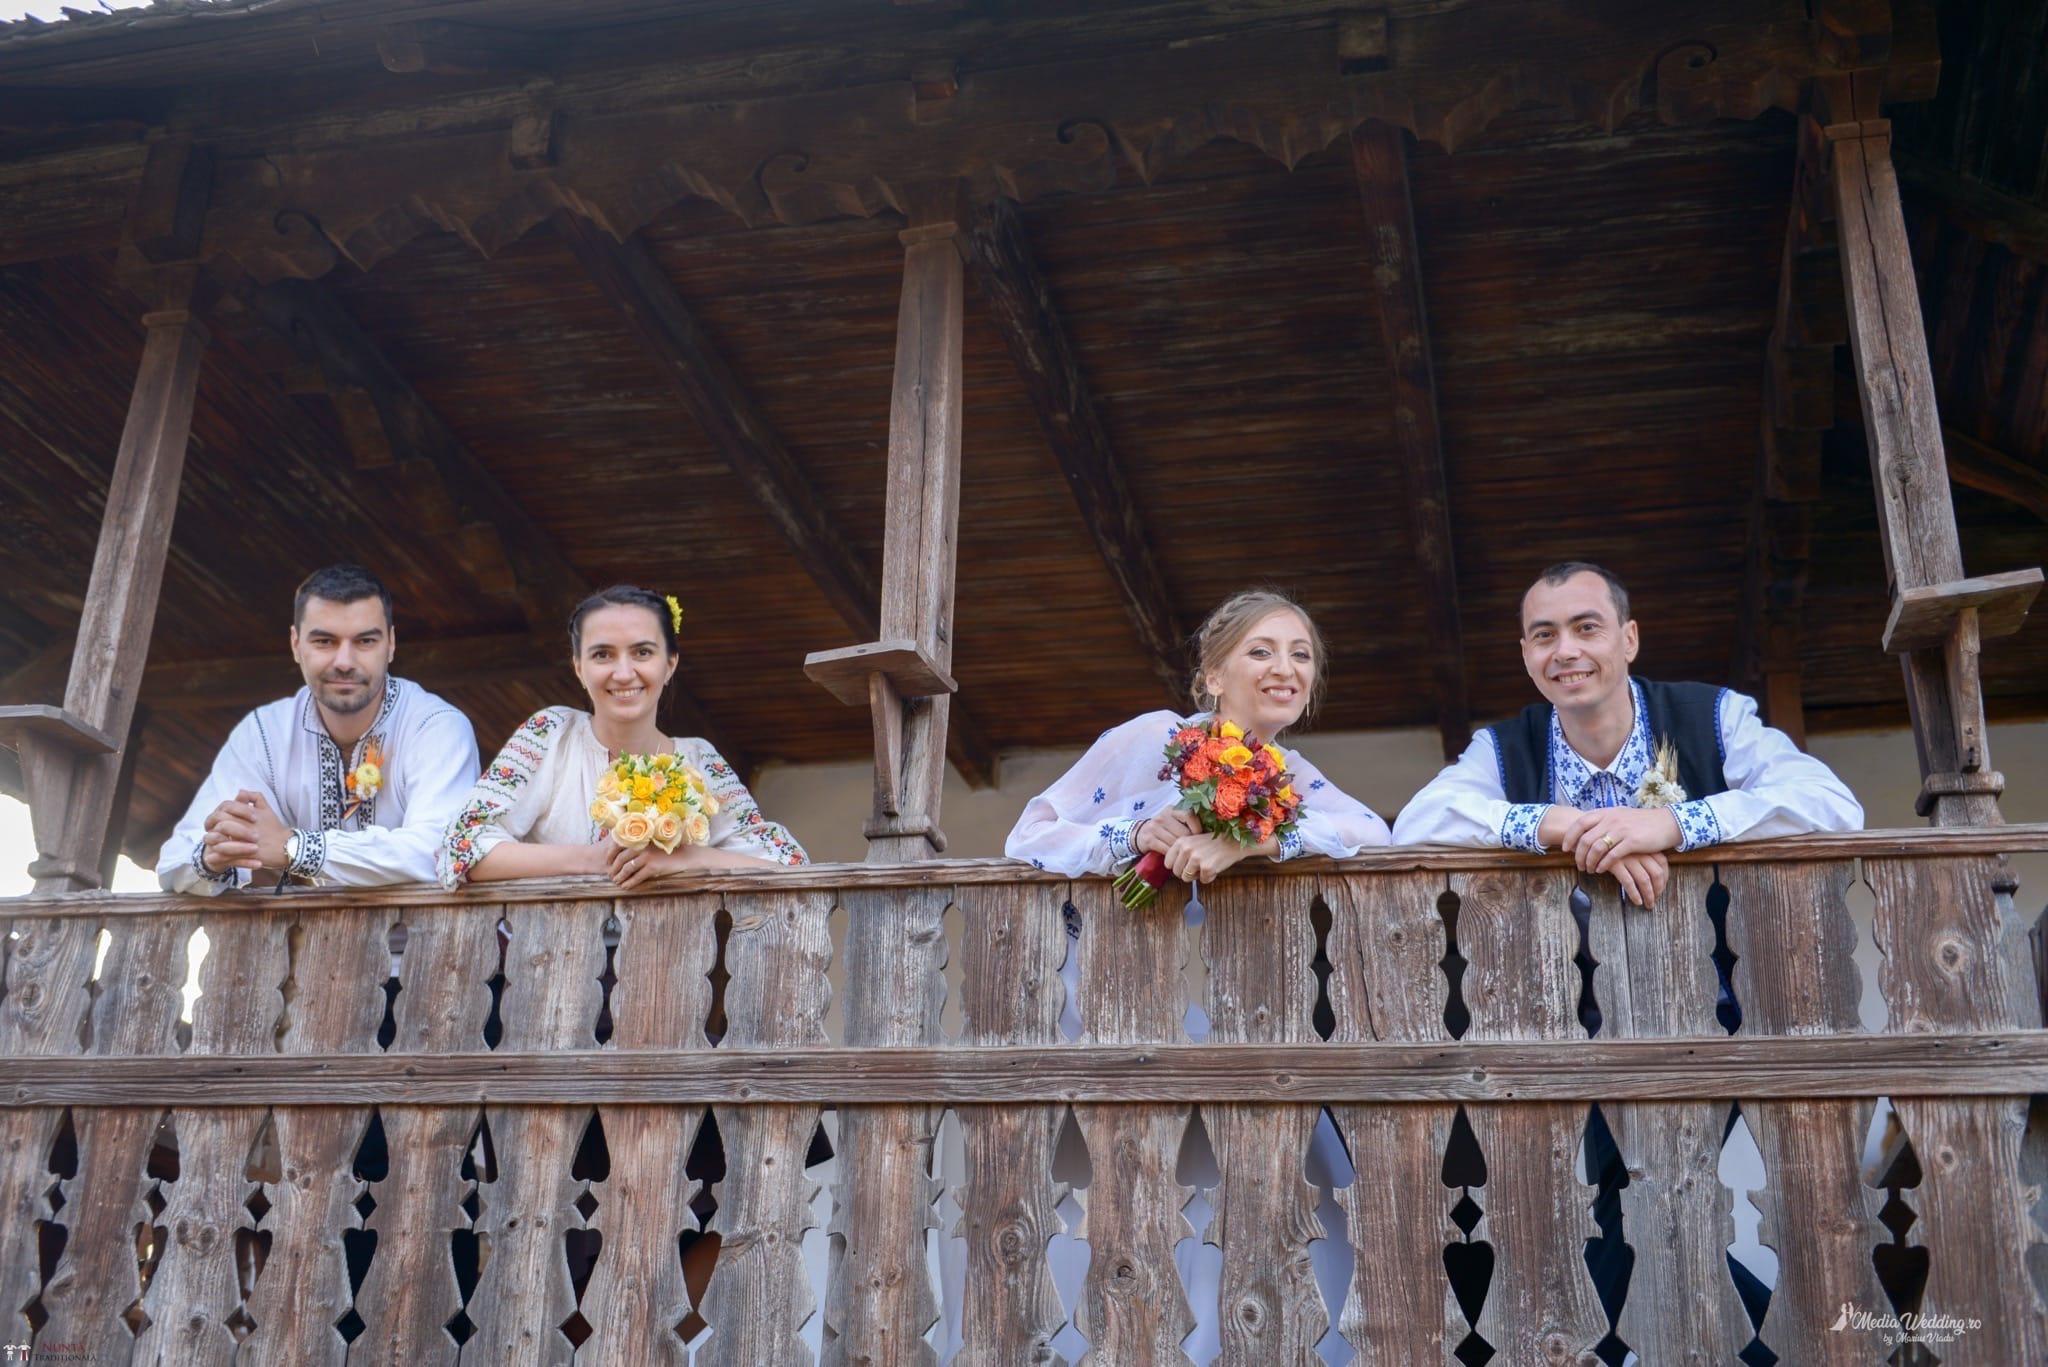 Povești Nunți Tradiționale - Alina-Maria și Ilie, nuntă tradițională în București 20